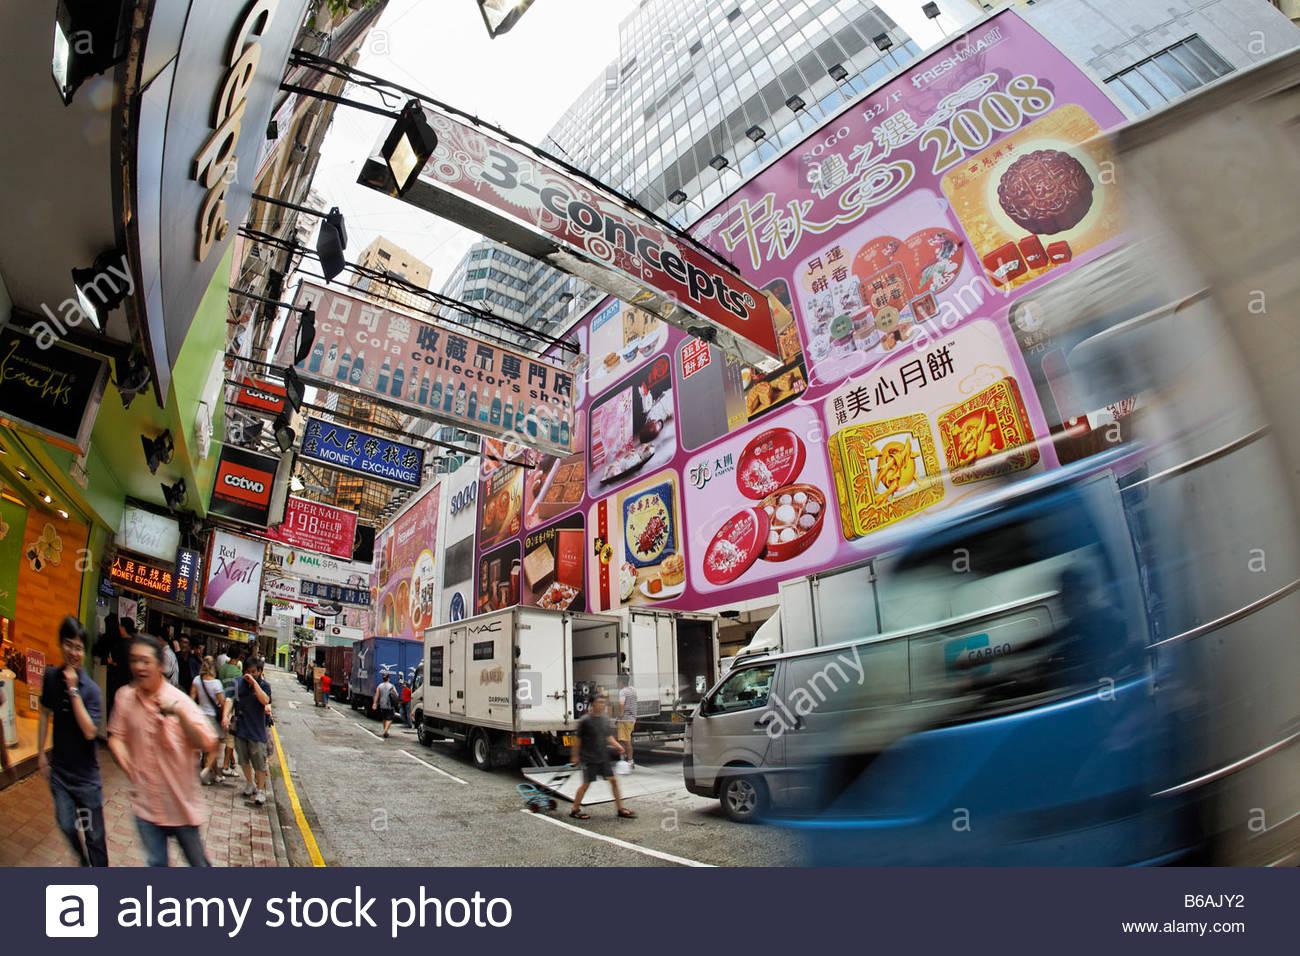 Hongkong CHN 26 08 2008 Werbeschilder an der Lockhart Road im Einkaufsviertel Causeway Bay Stock Photo